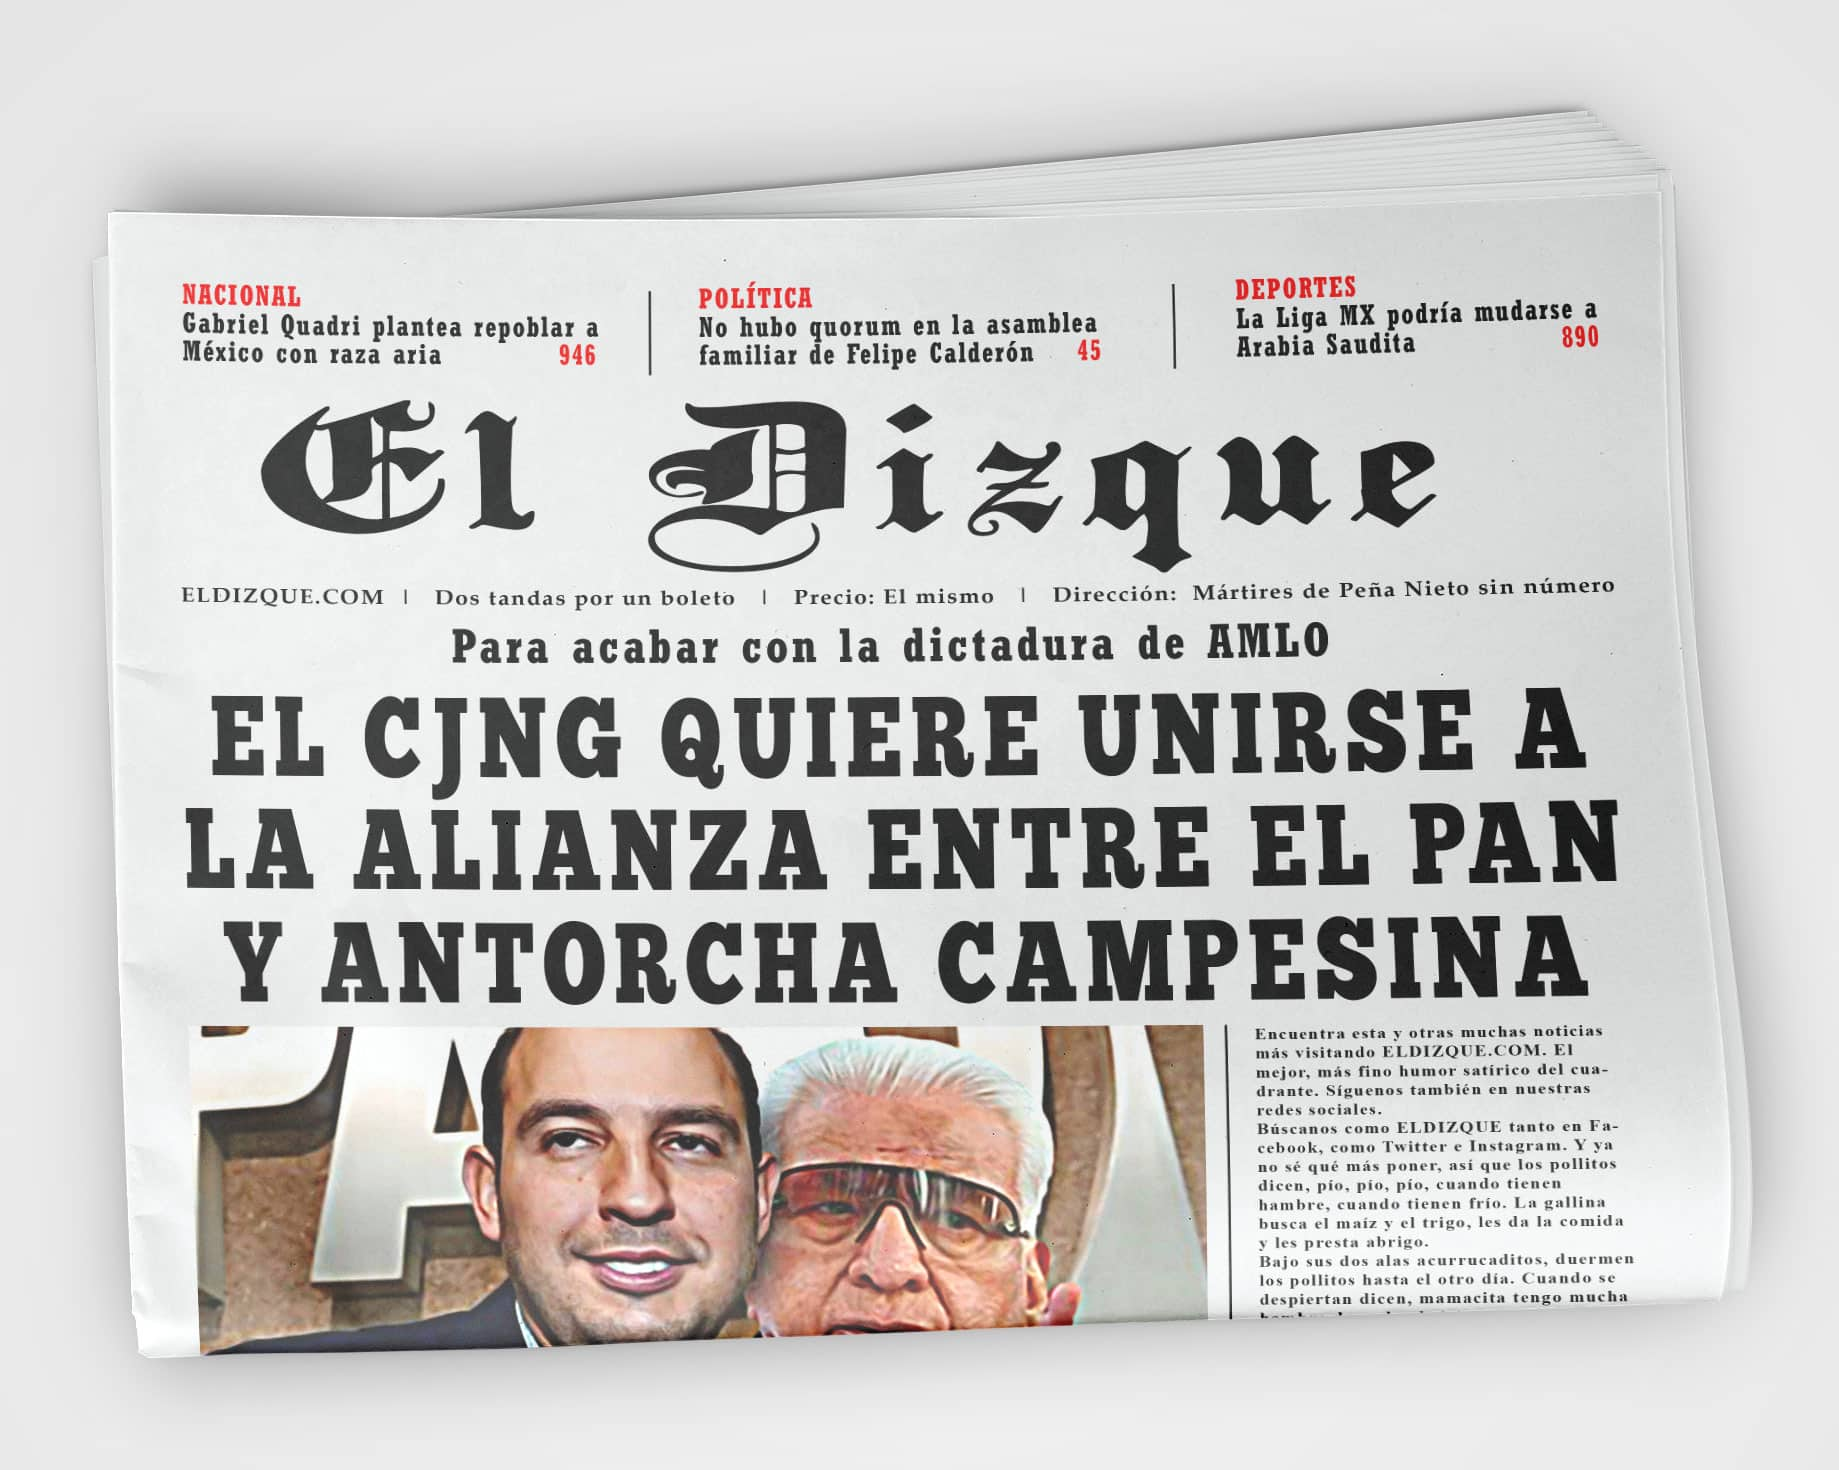 El CJNG quiere unirse a la alianza del PAN y Antorcha Campesina